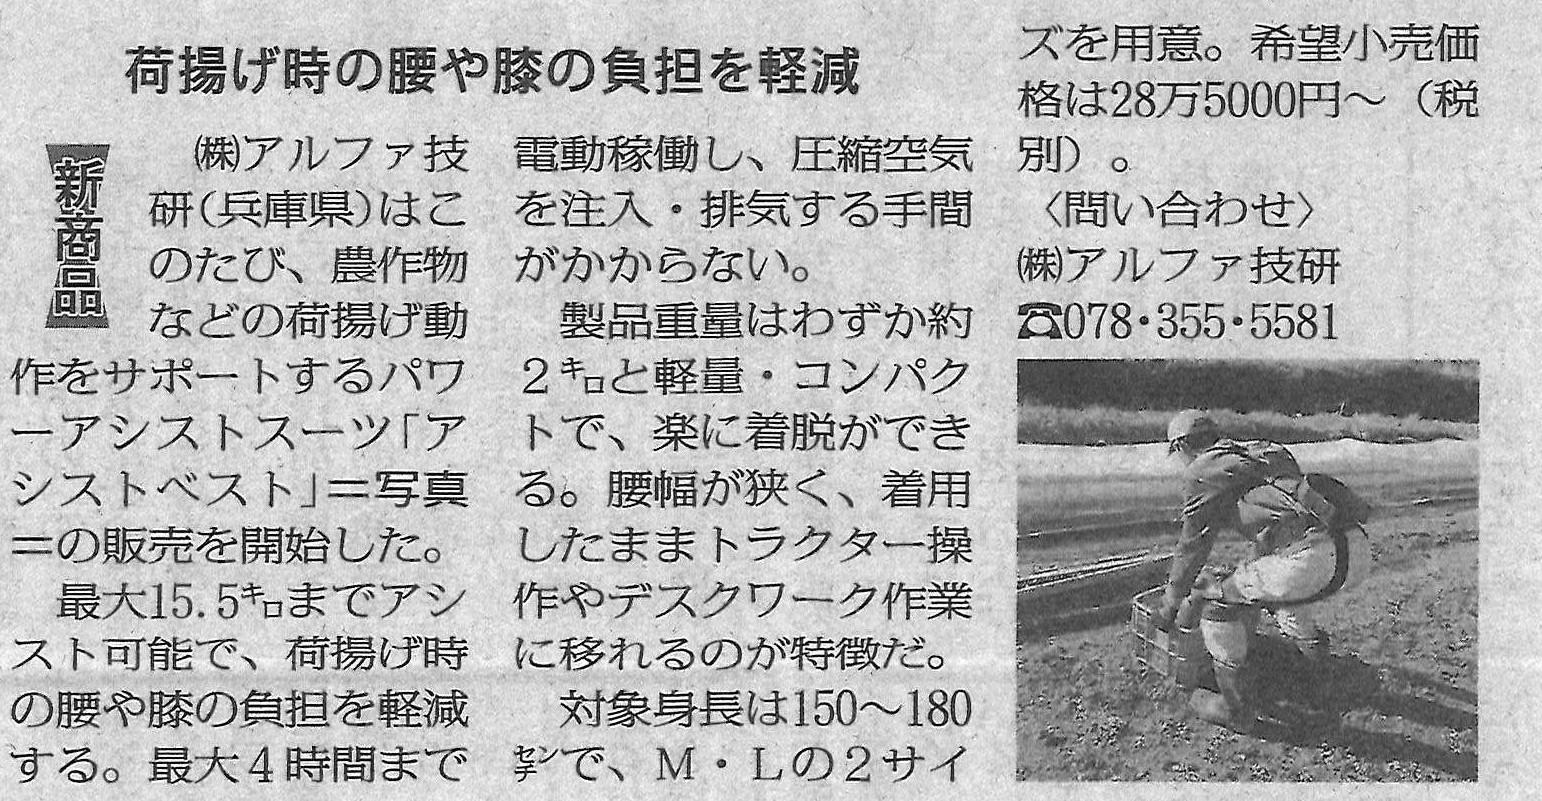 メディア紹介|全国農業新聞|アシストベスト